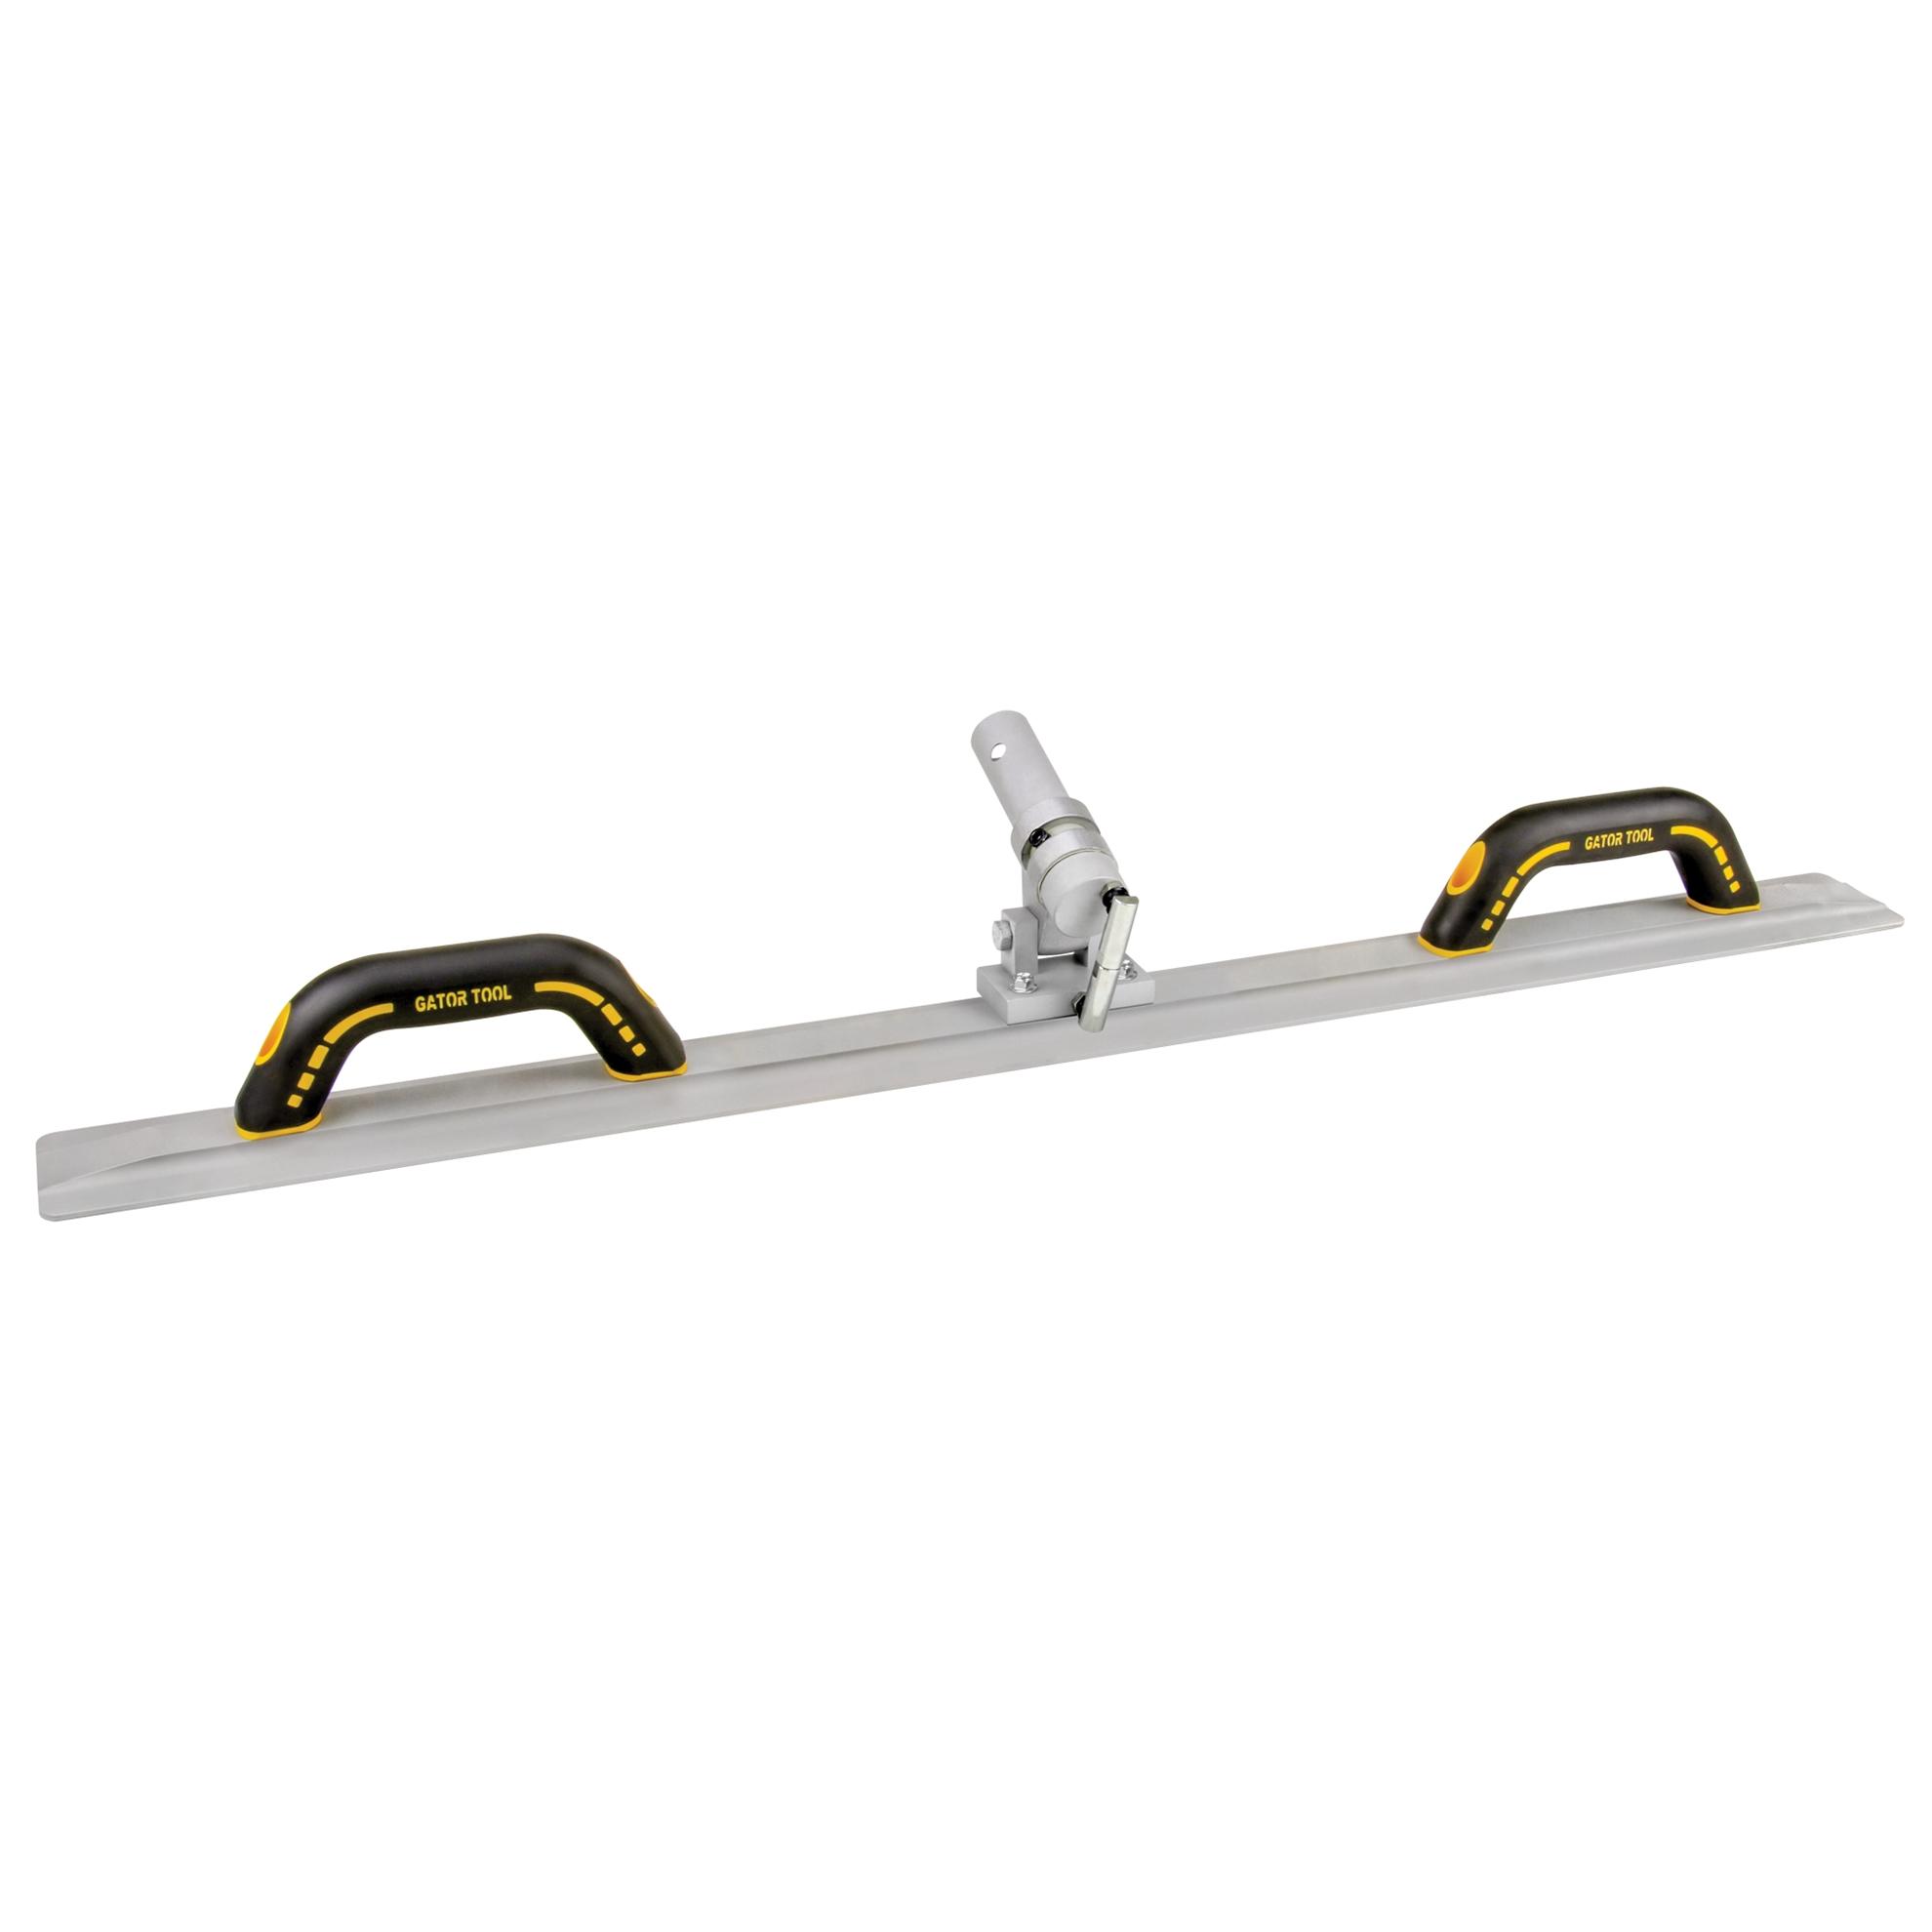 Kraft Tool Co- Gator Tools™ 36